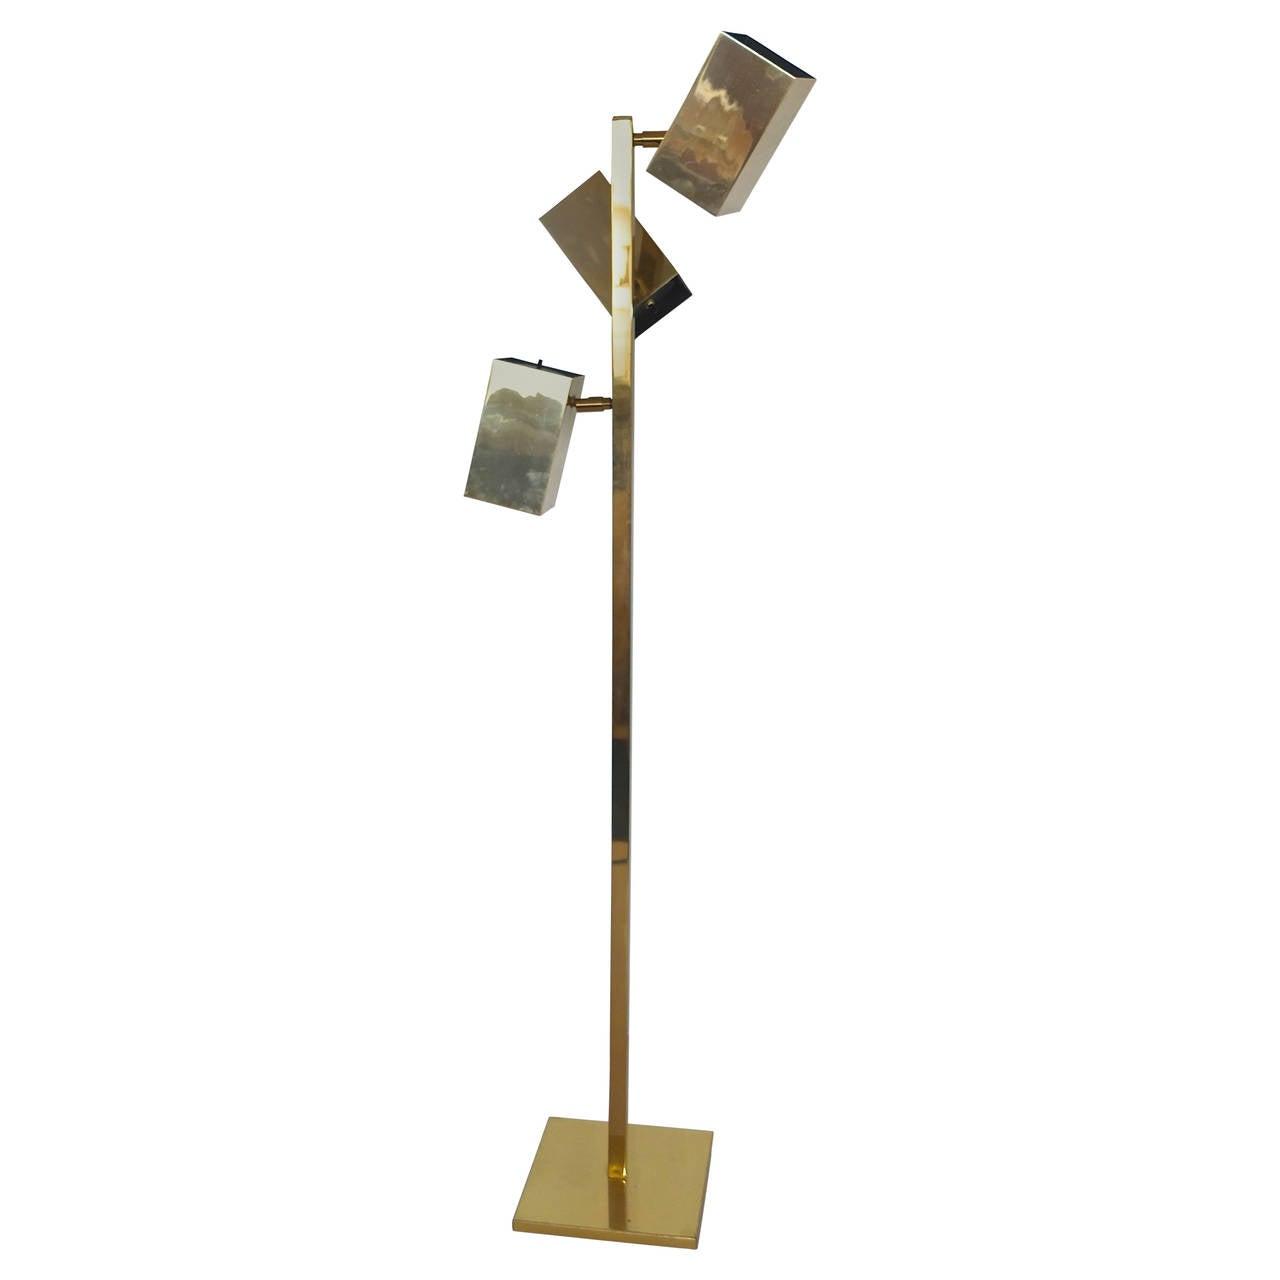 Koch & Lowy Brass Cubist Floor Lamp